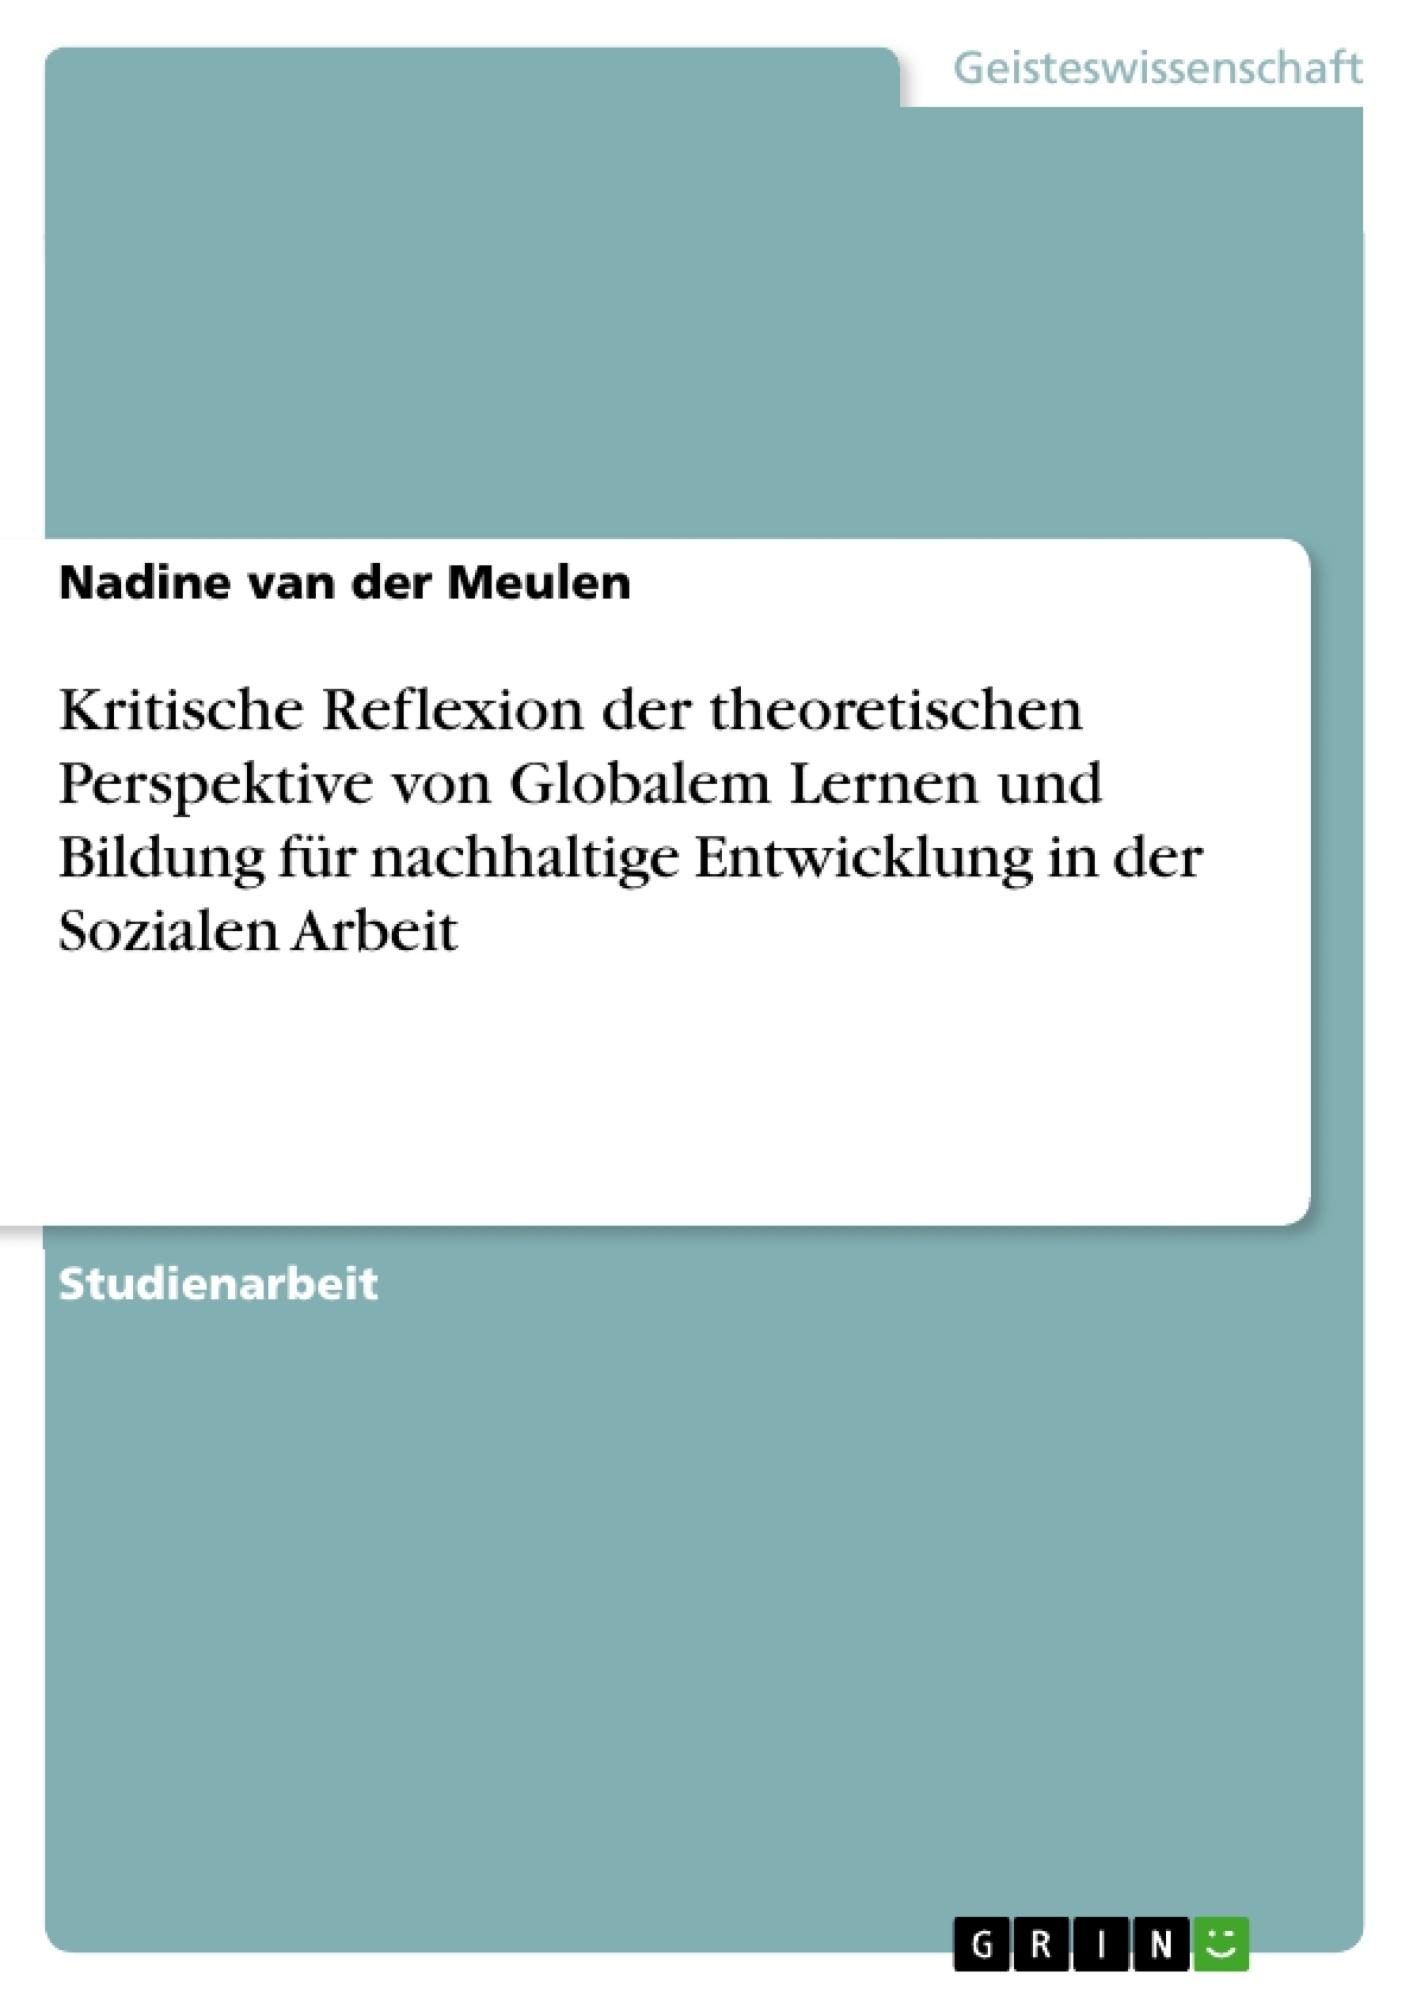 Titel: Kritische Reflexion der theoretischen Perspektive von Globalem Lernen und Bildung für nachhaltige Entwicklung in der Sozialen Arbeit